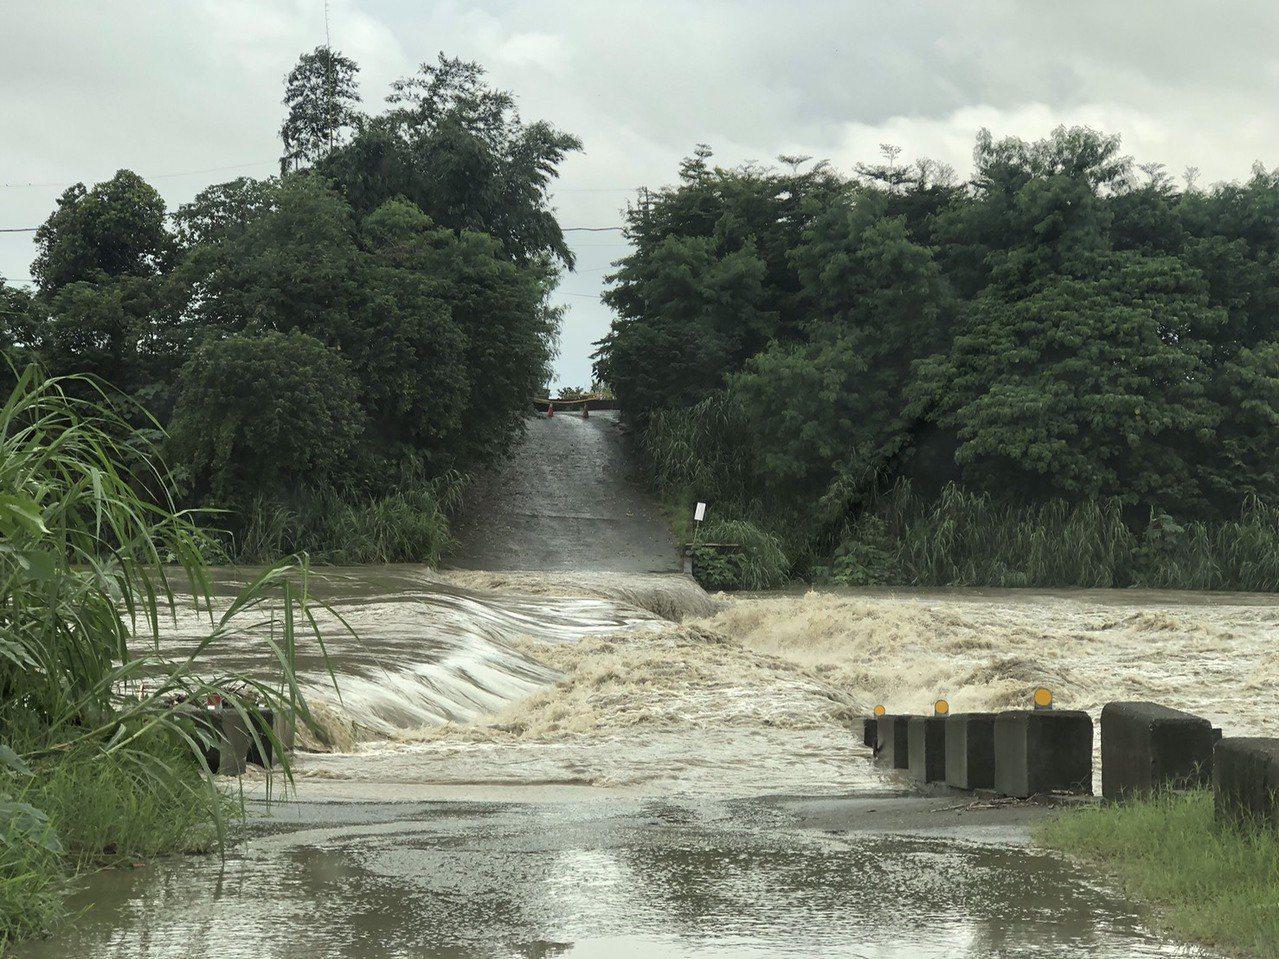 嘉義牛稠溪浮水橋因為水位太高已封閉。記者卜敏正/翻攝